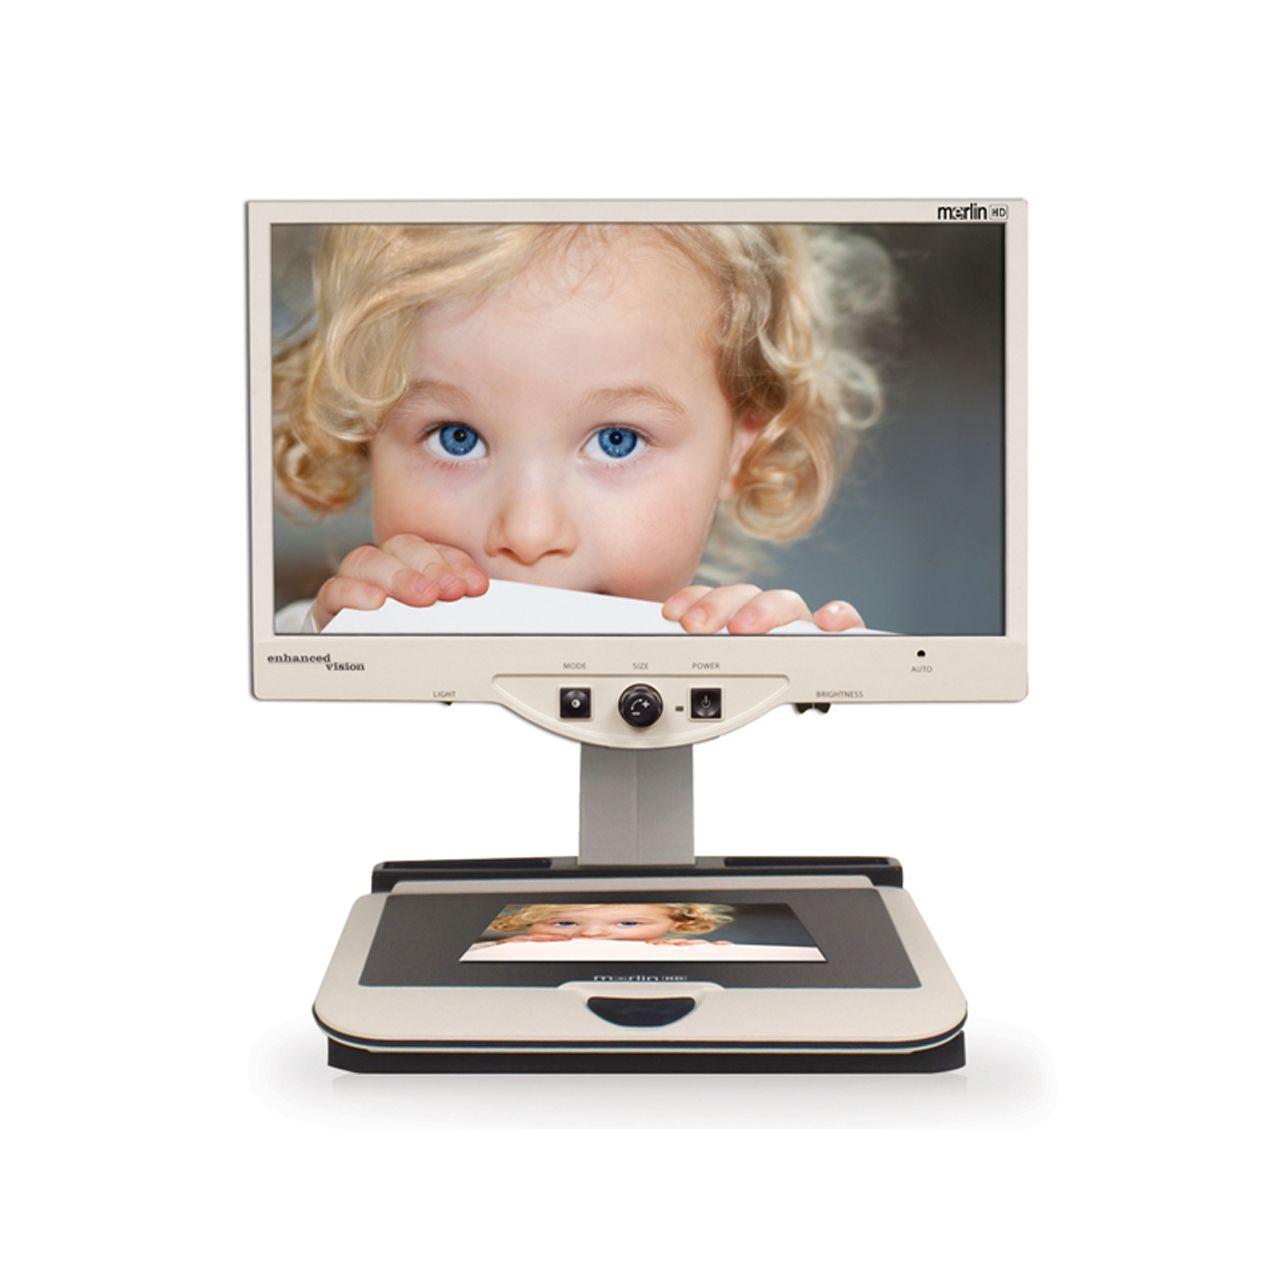 merlin beeldschermloep hulpmiddelen slechtzienden ERKAAFMP01 Voorkant